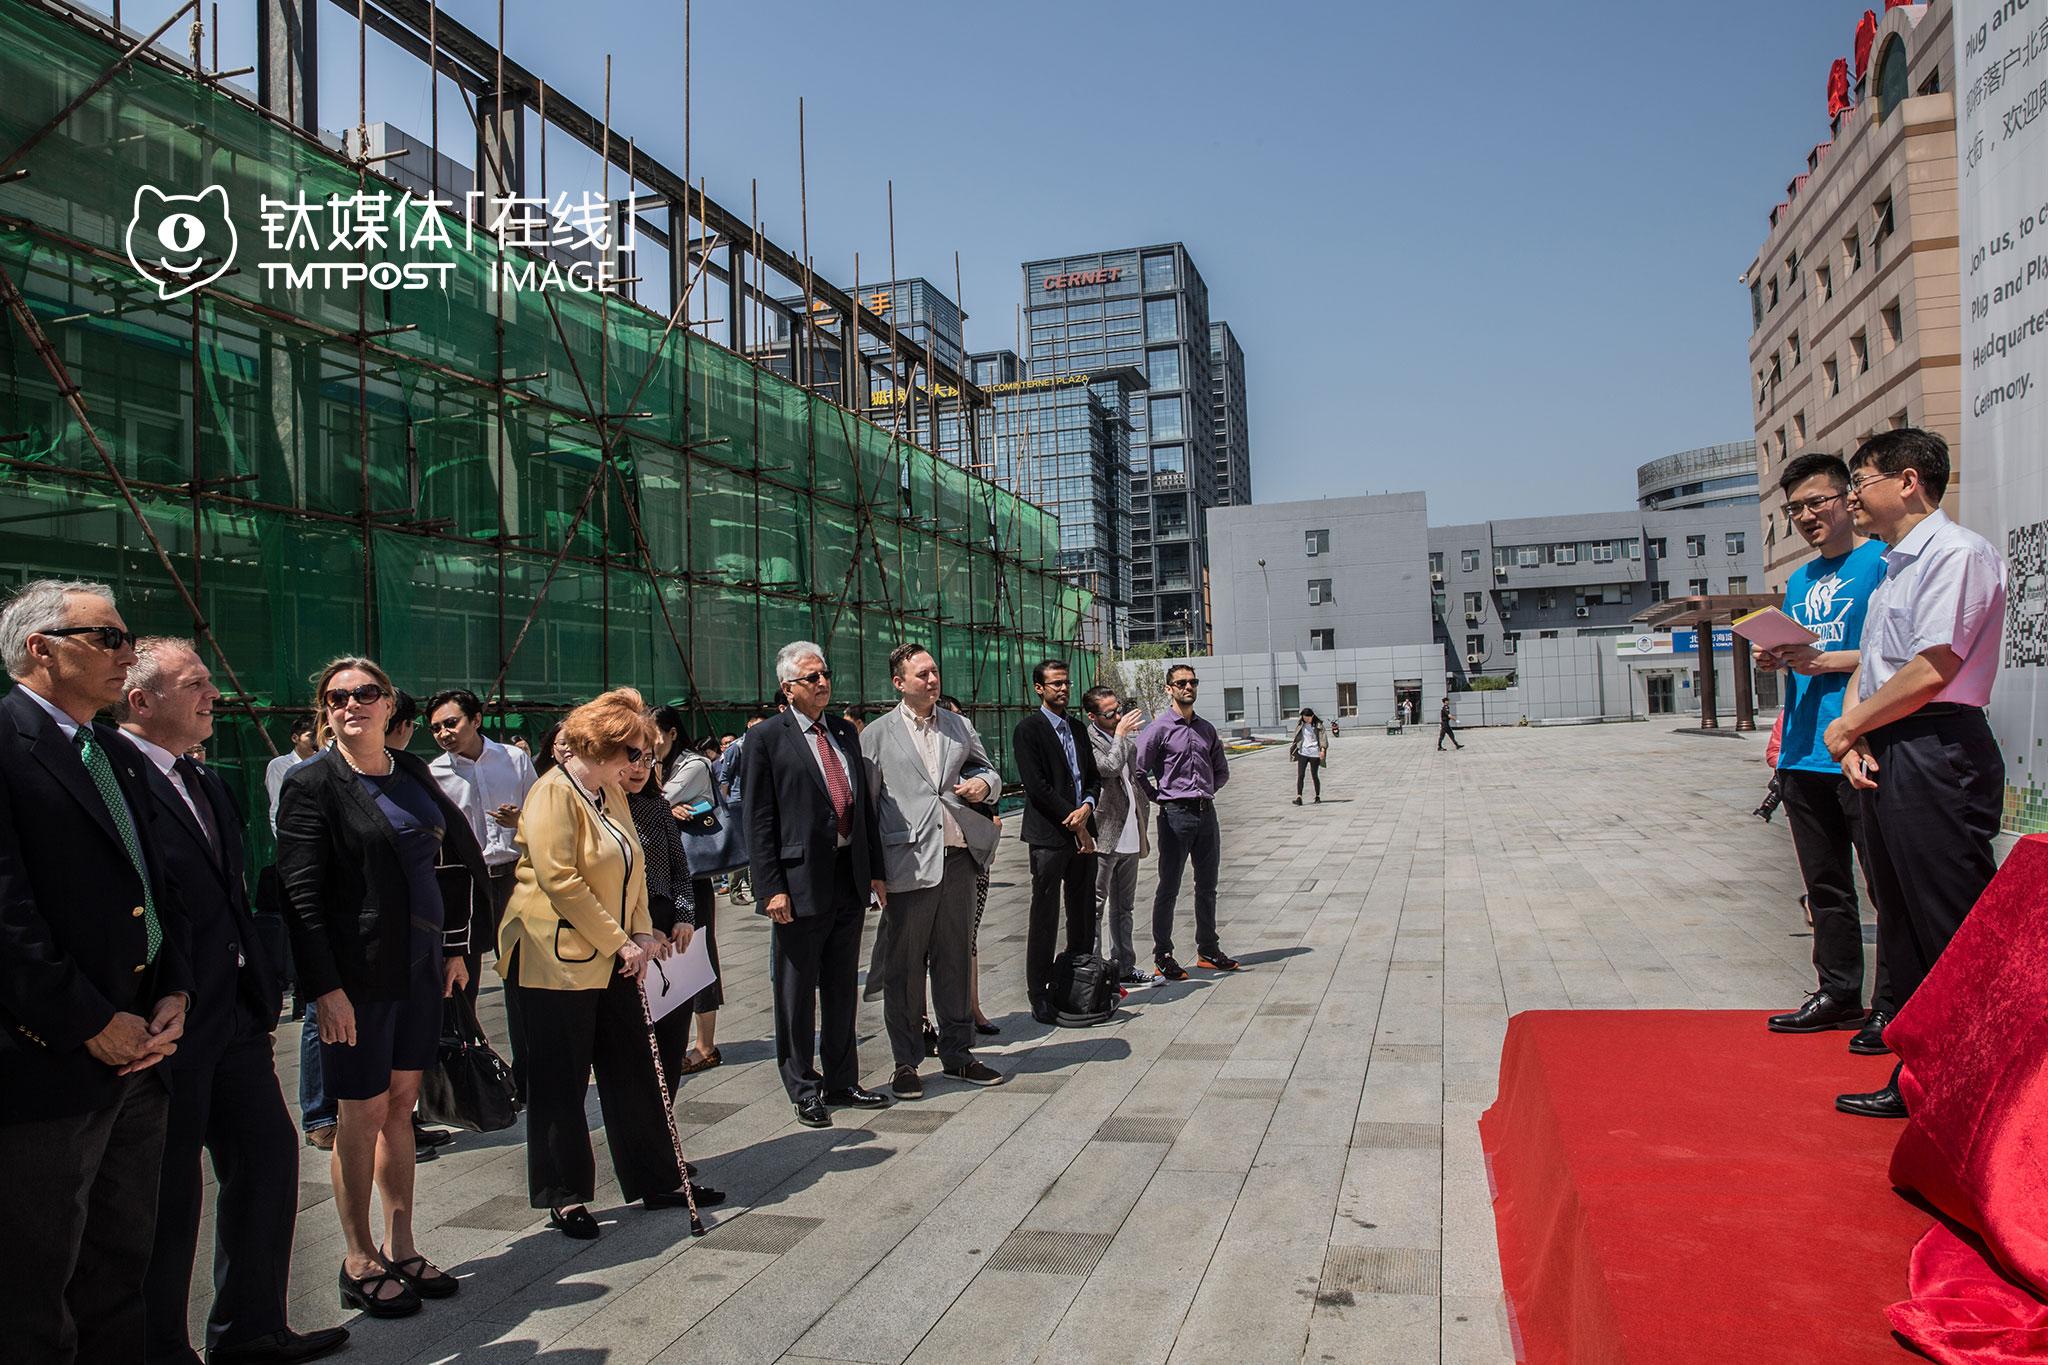 北京海淀东升,PNP中国总部落户海淀,动工仪式上,一名年轻的中国官员应邀上台讲话。